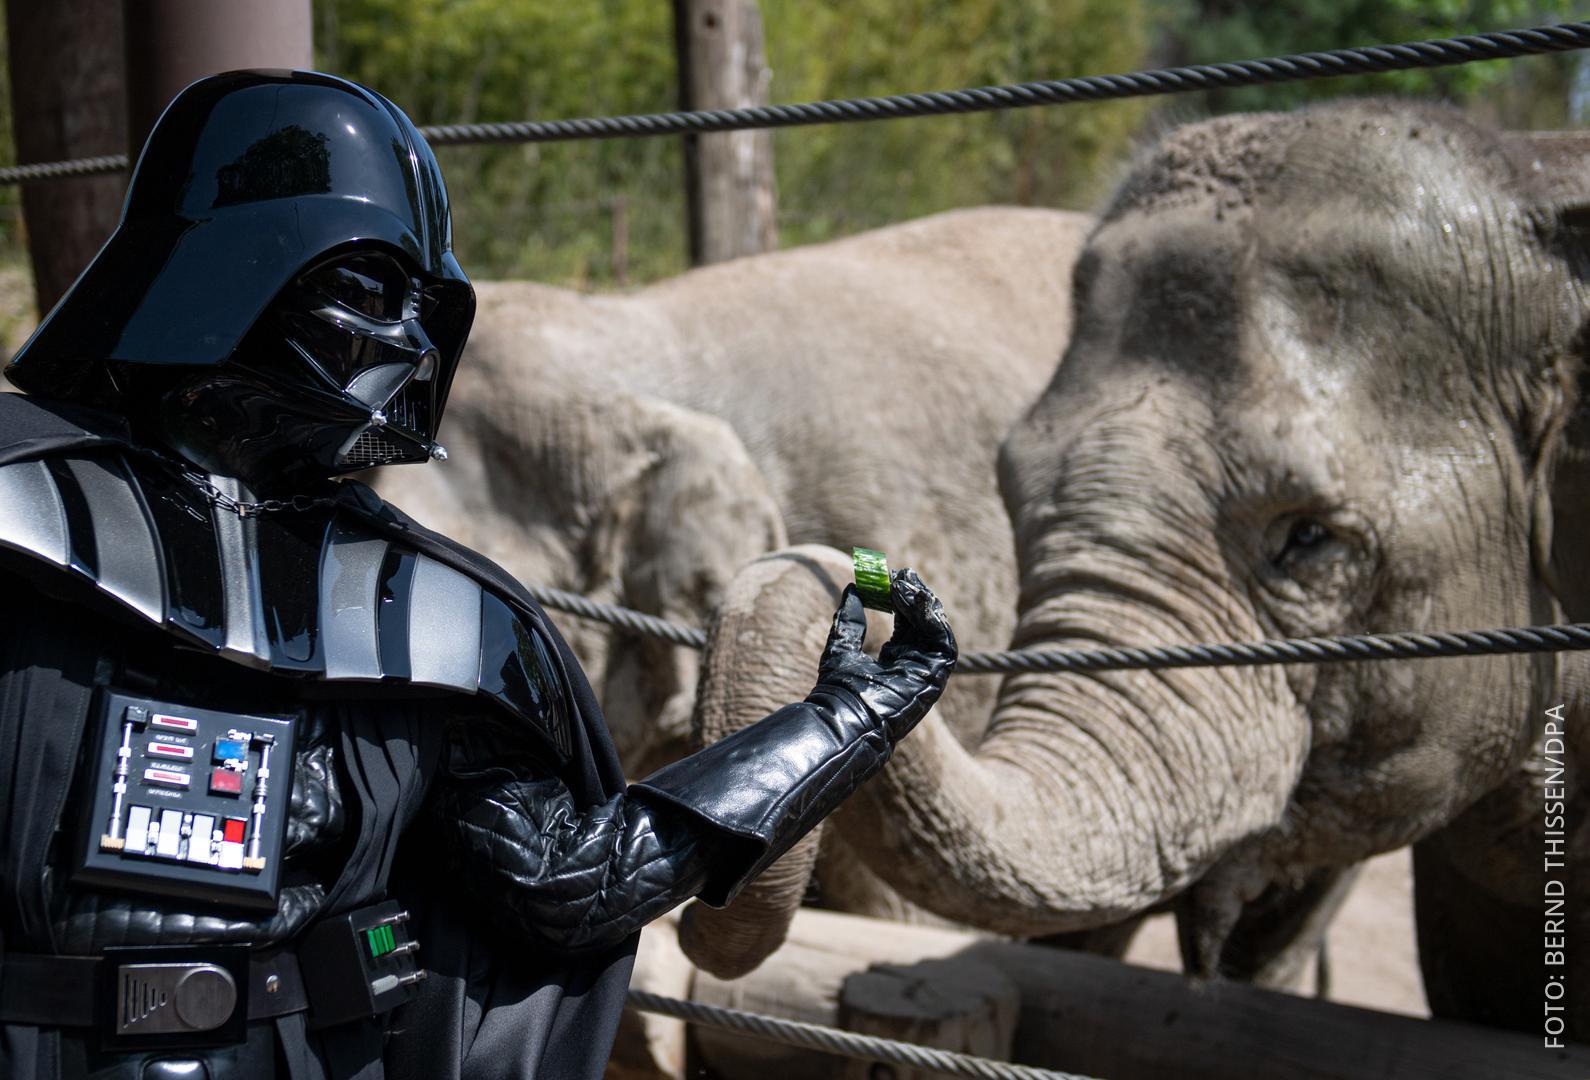 Ein Mann im Darth-Vader-Kostüm füttert einen Elefanten.